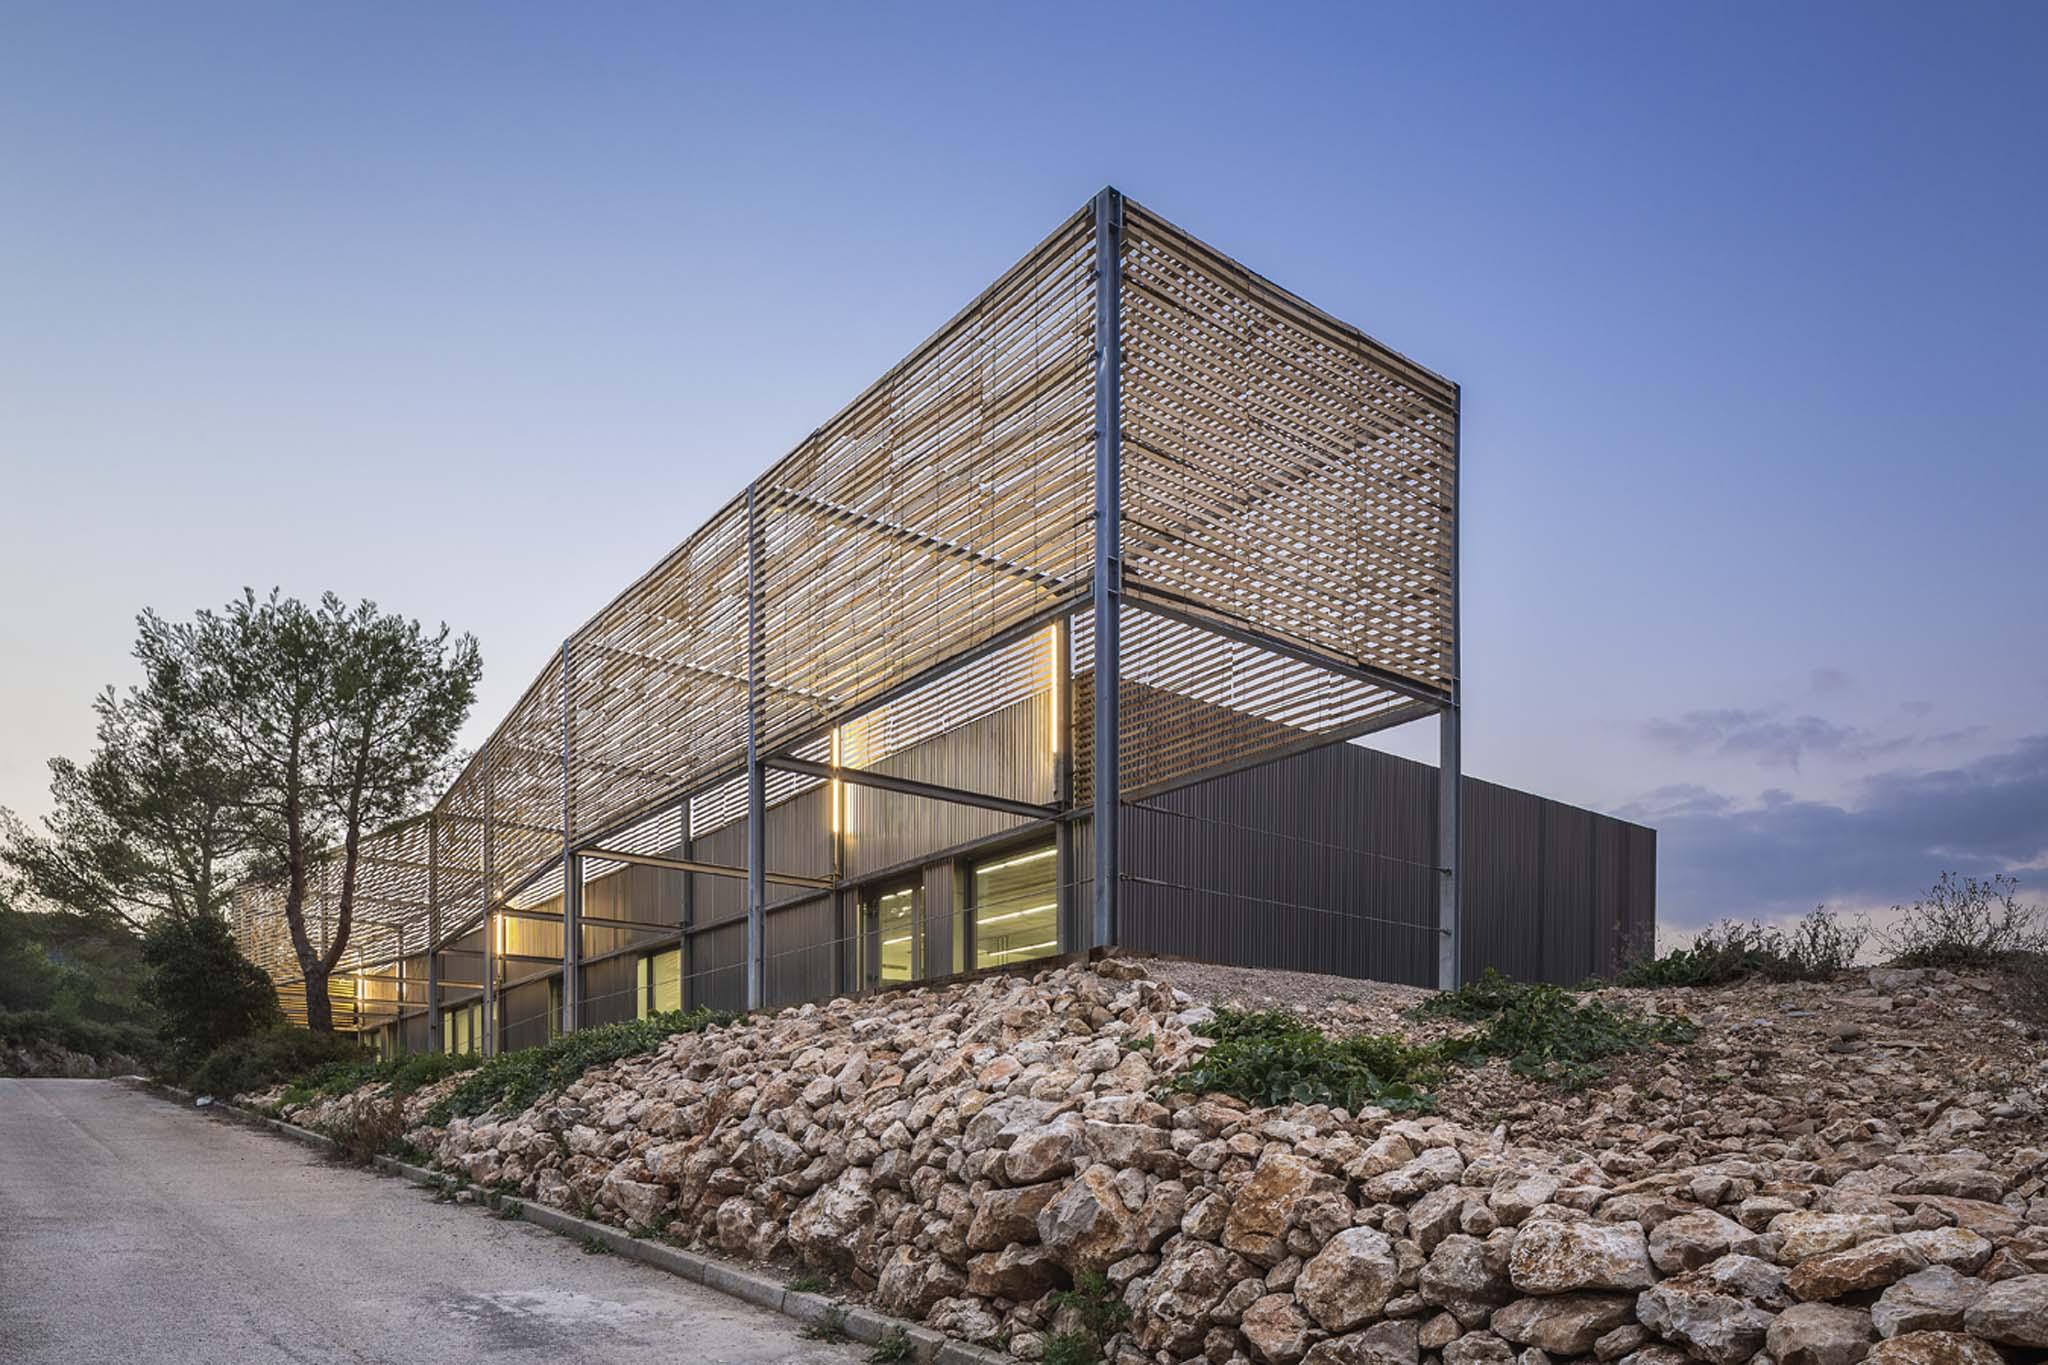 Pan architecture extension d cole d architecture Ecole architecture